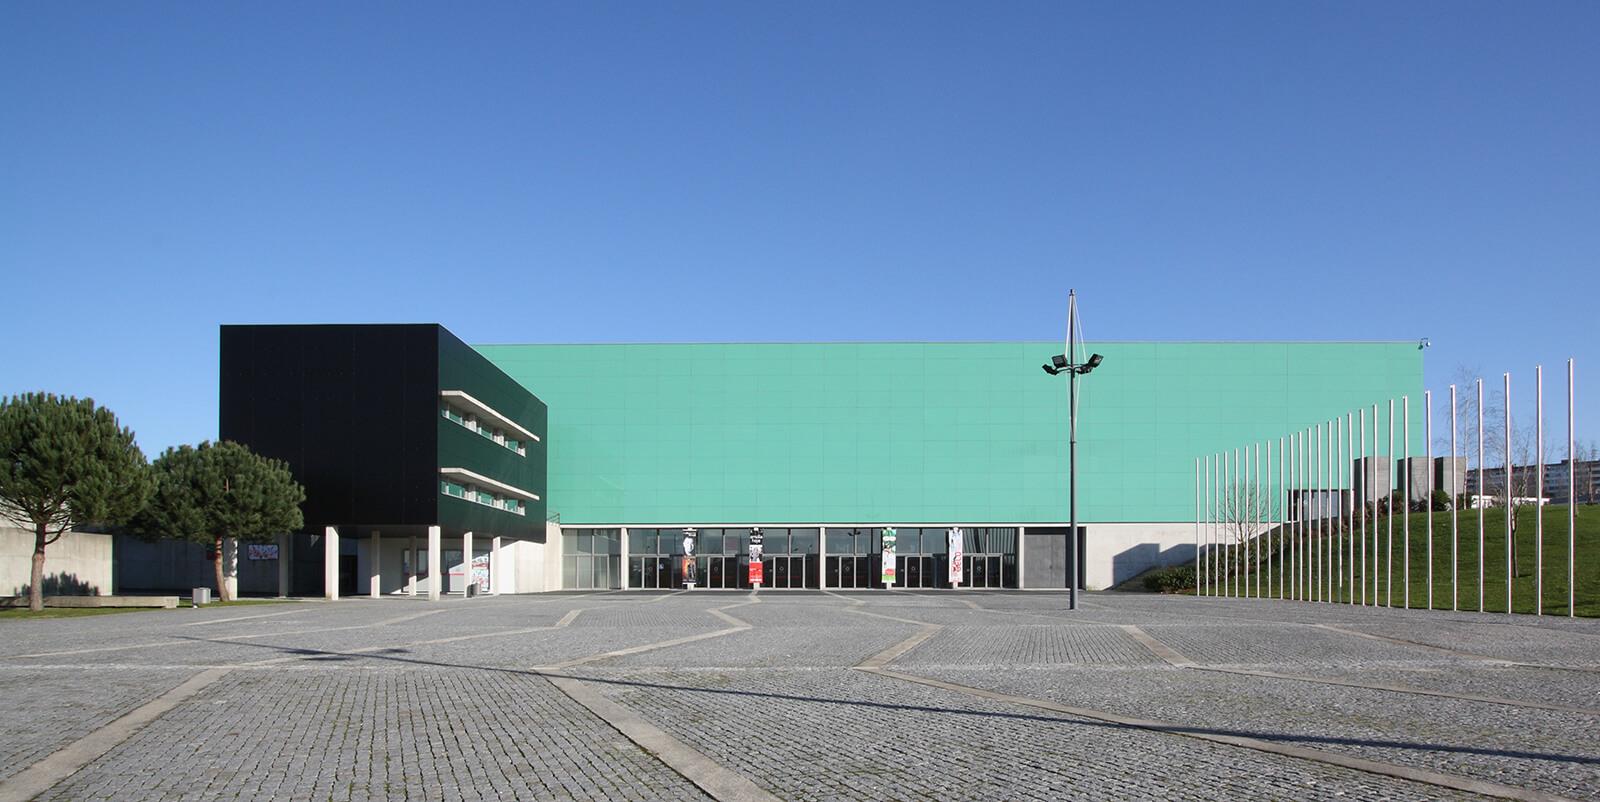 Pavilhão Multiusos de Guimarães